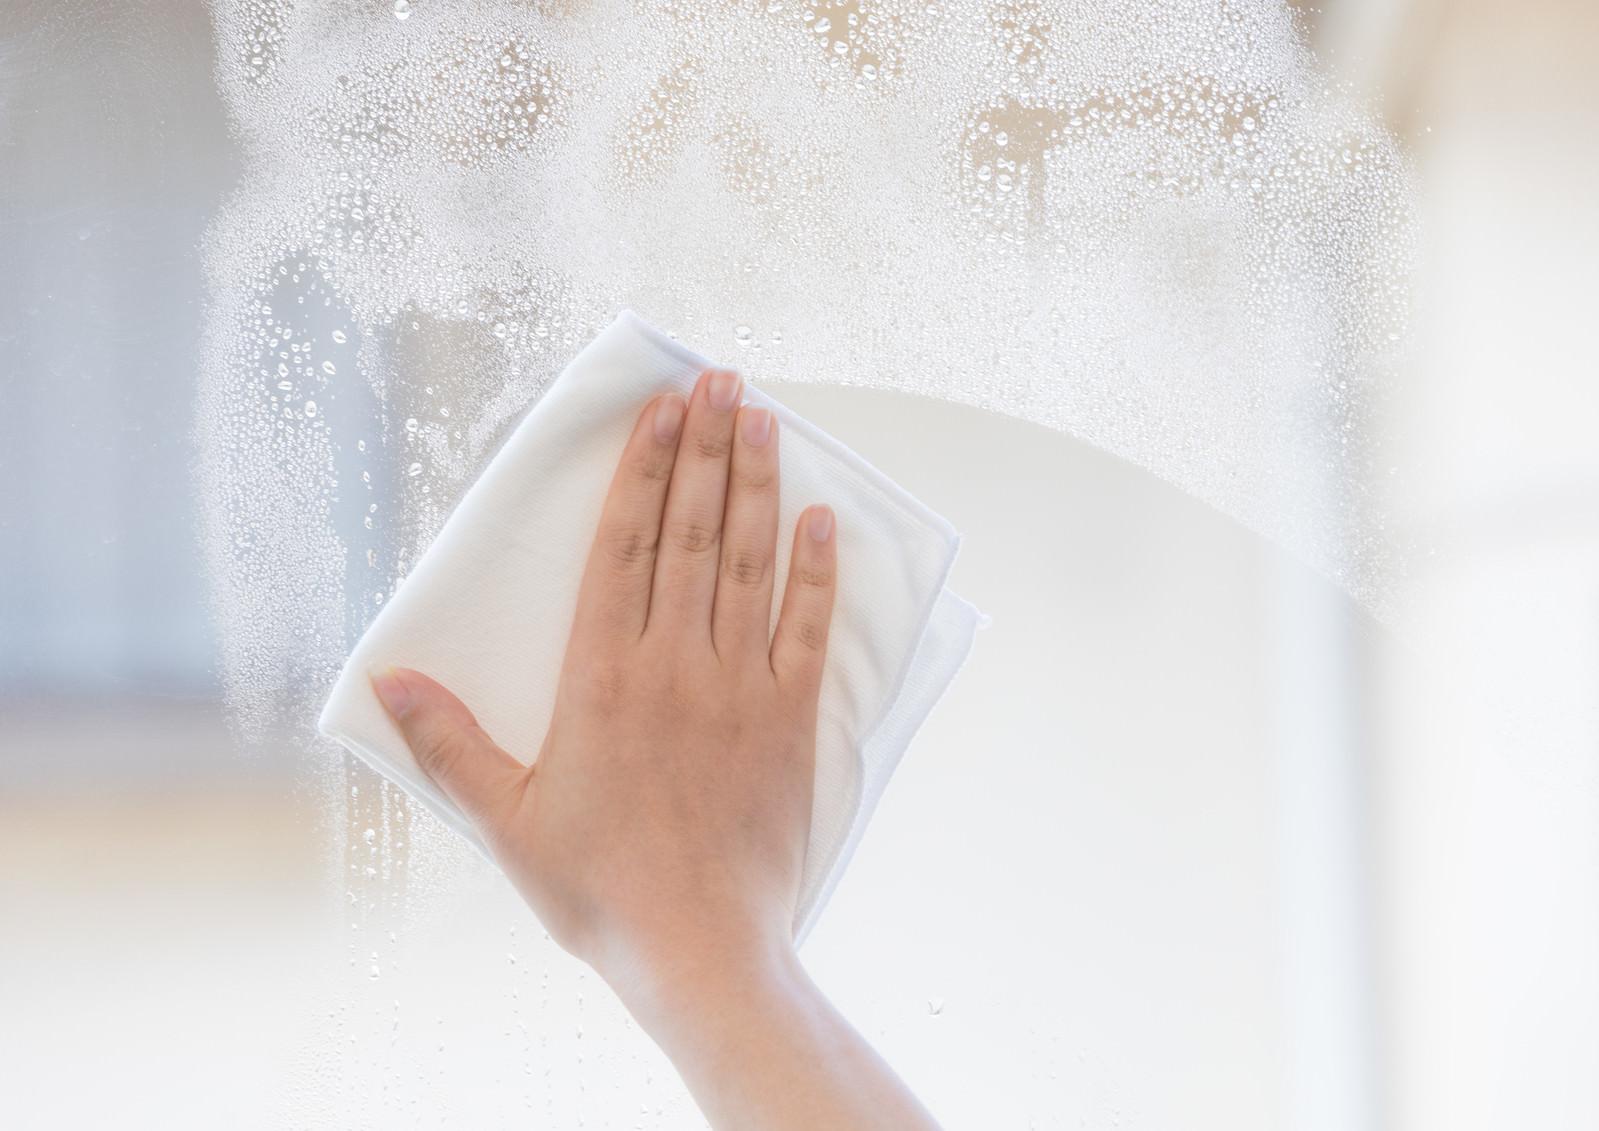 「ガラス窓を雑巾で拭く様子」の写真